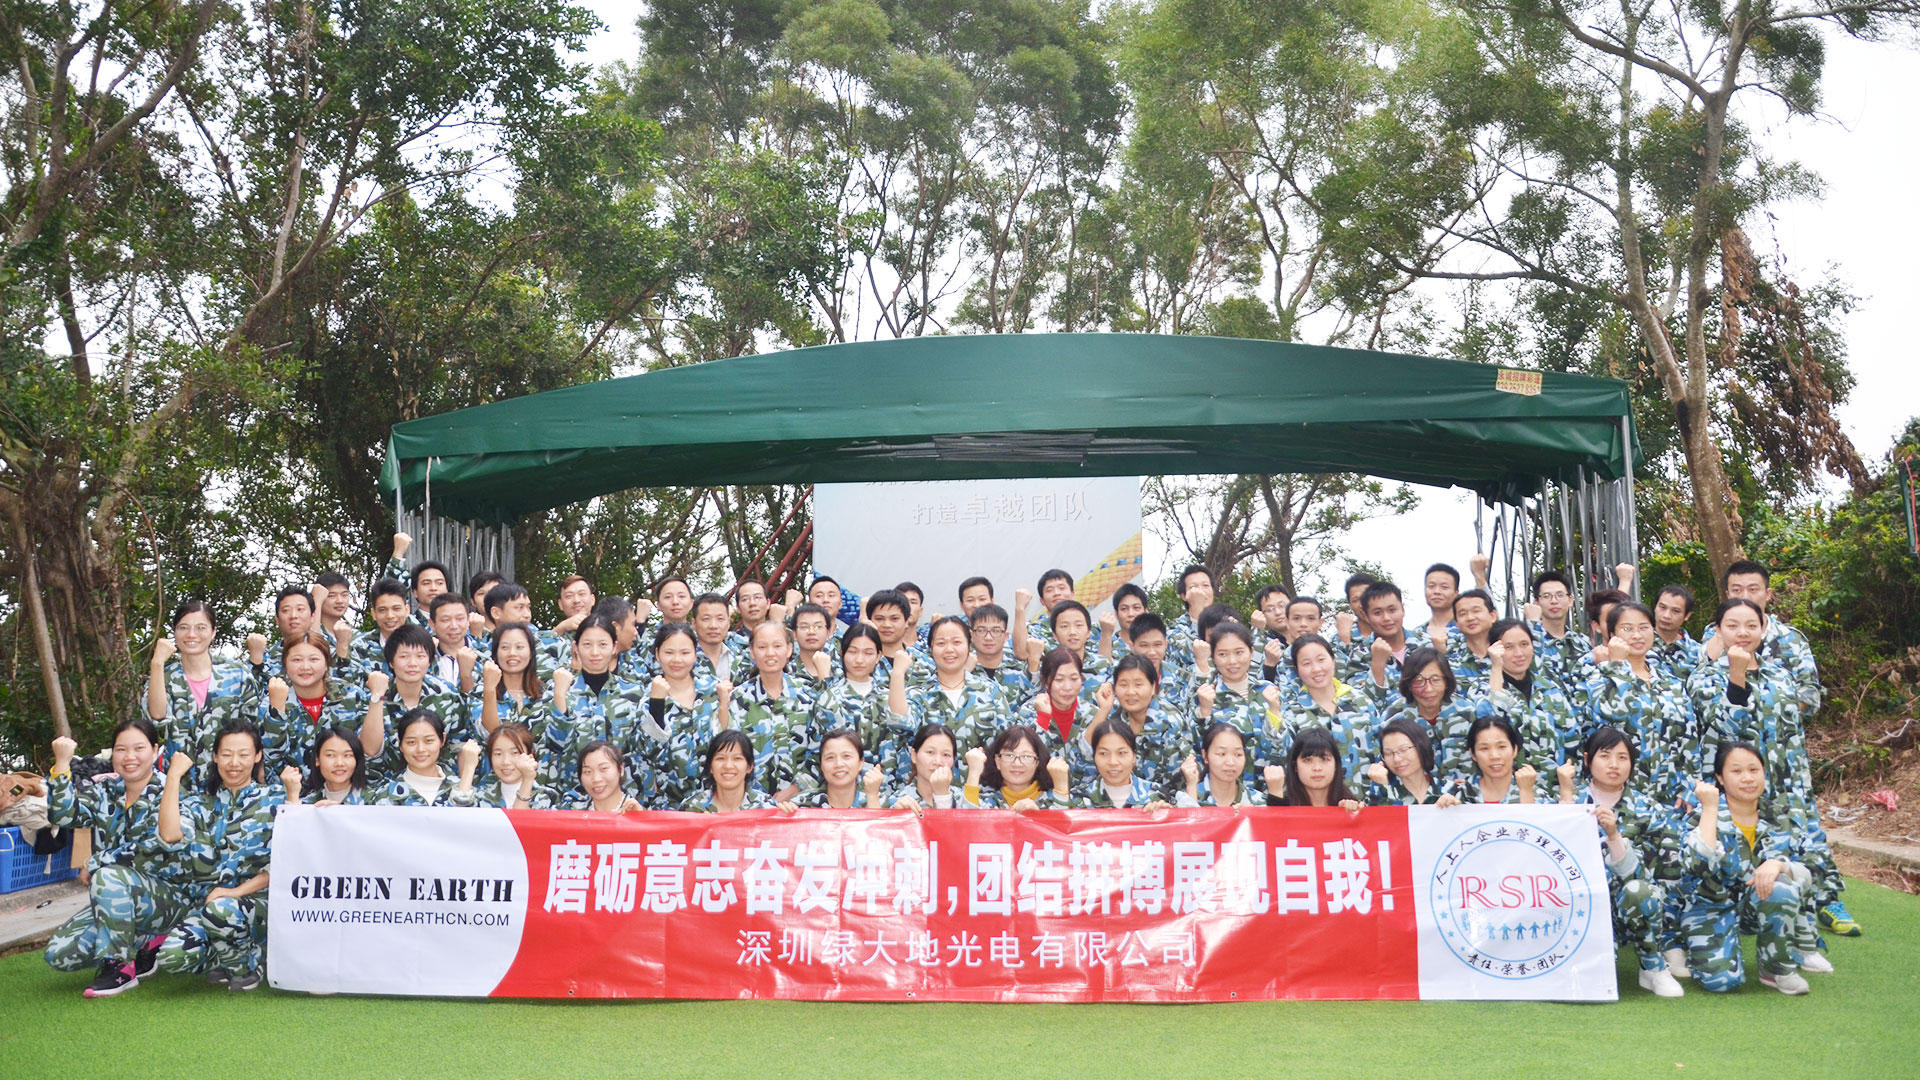 Mid-2020 Team Building Activities